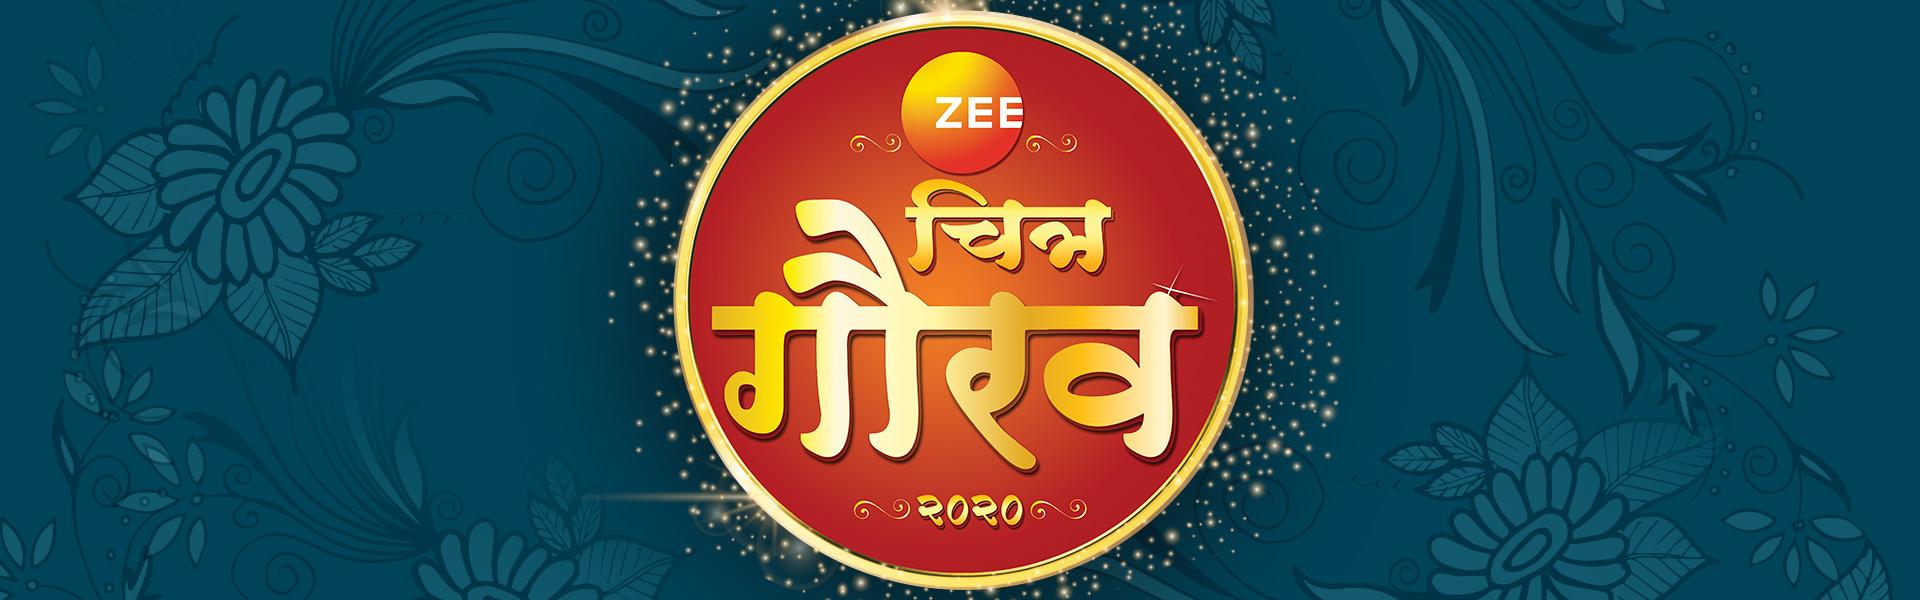 Zee Chitra Gaurav Puraskar 2020